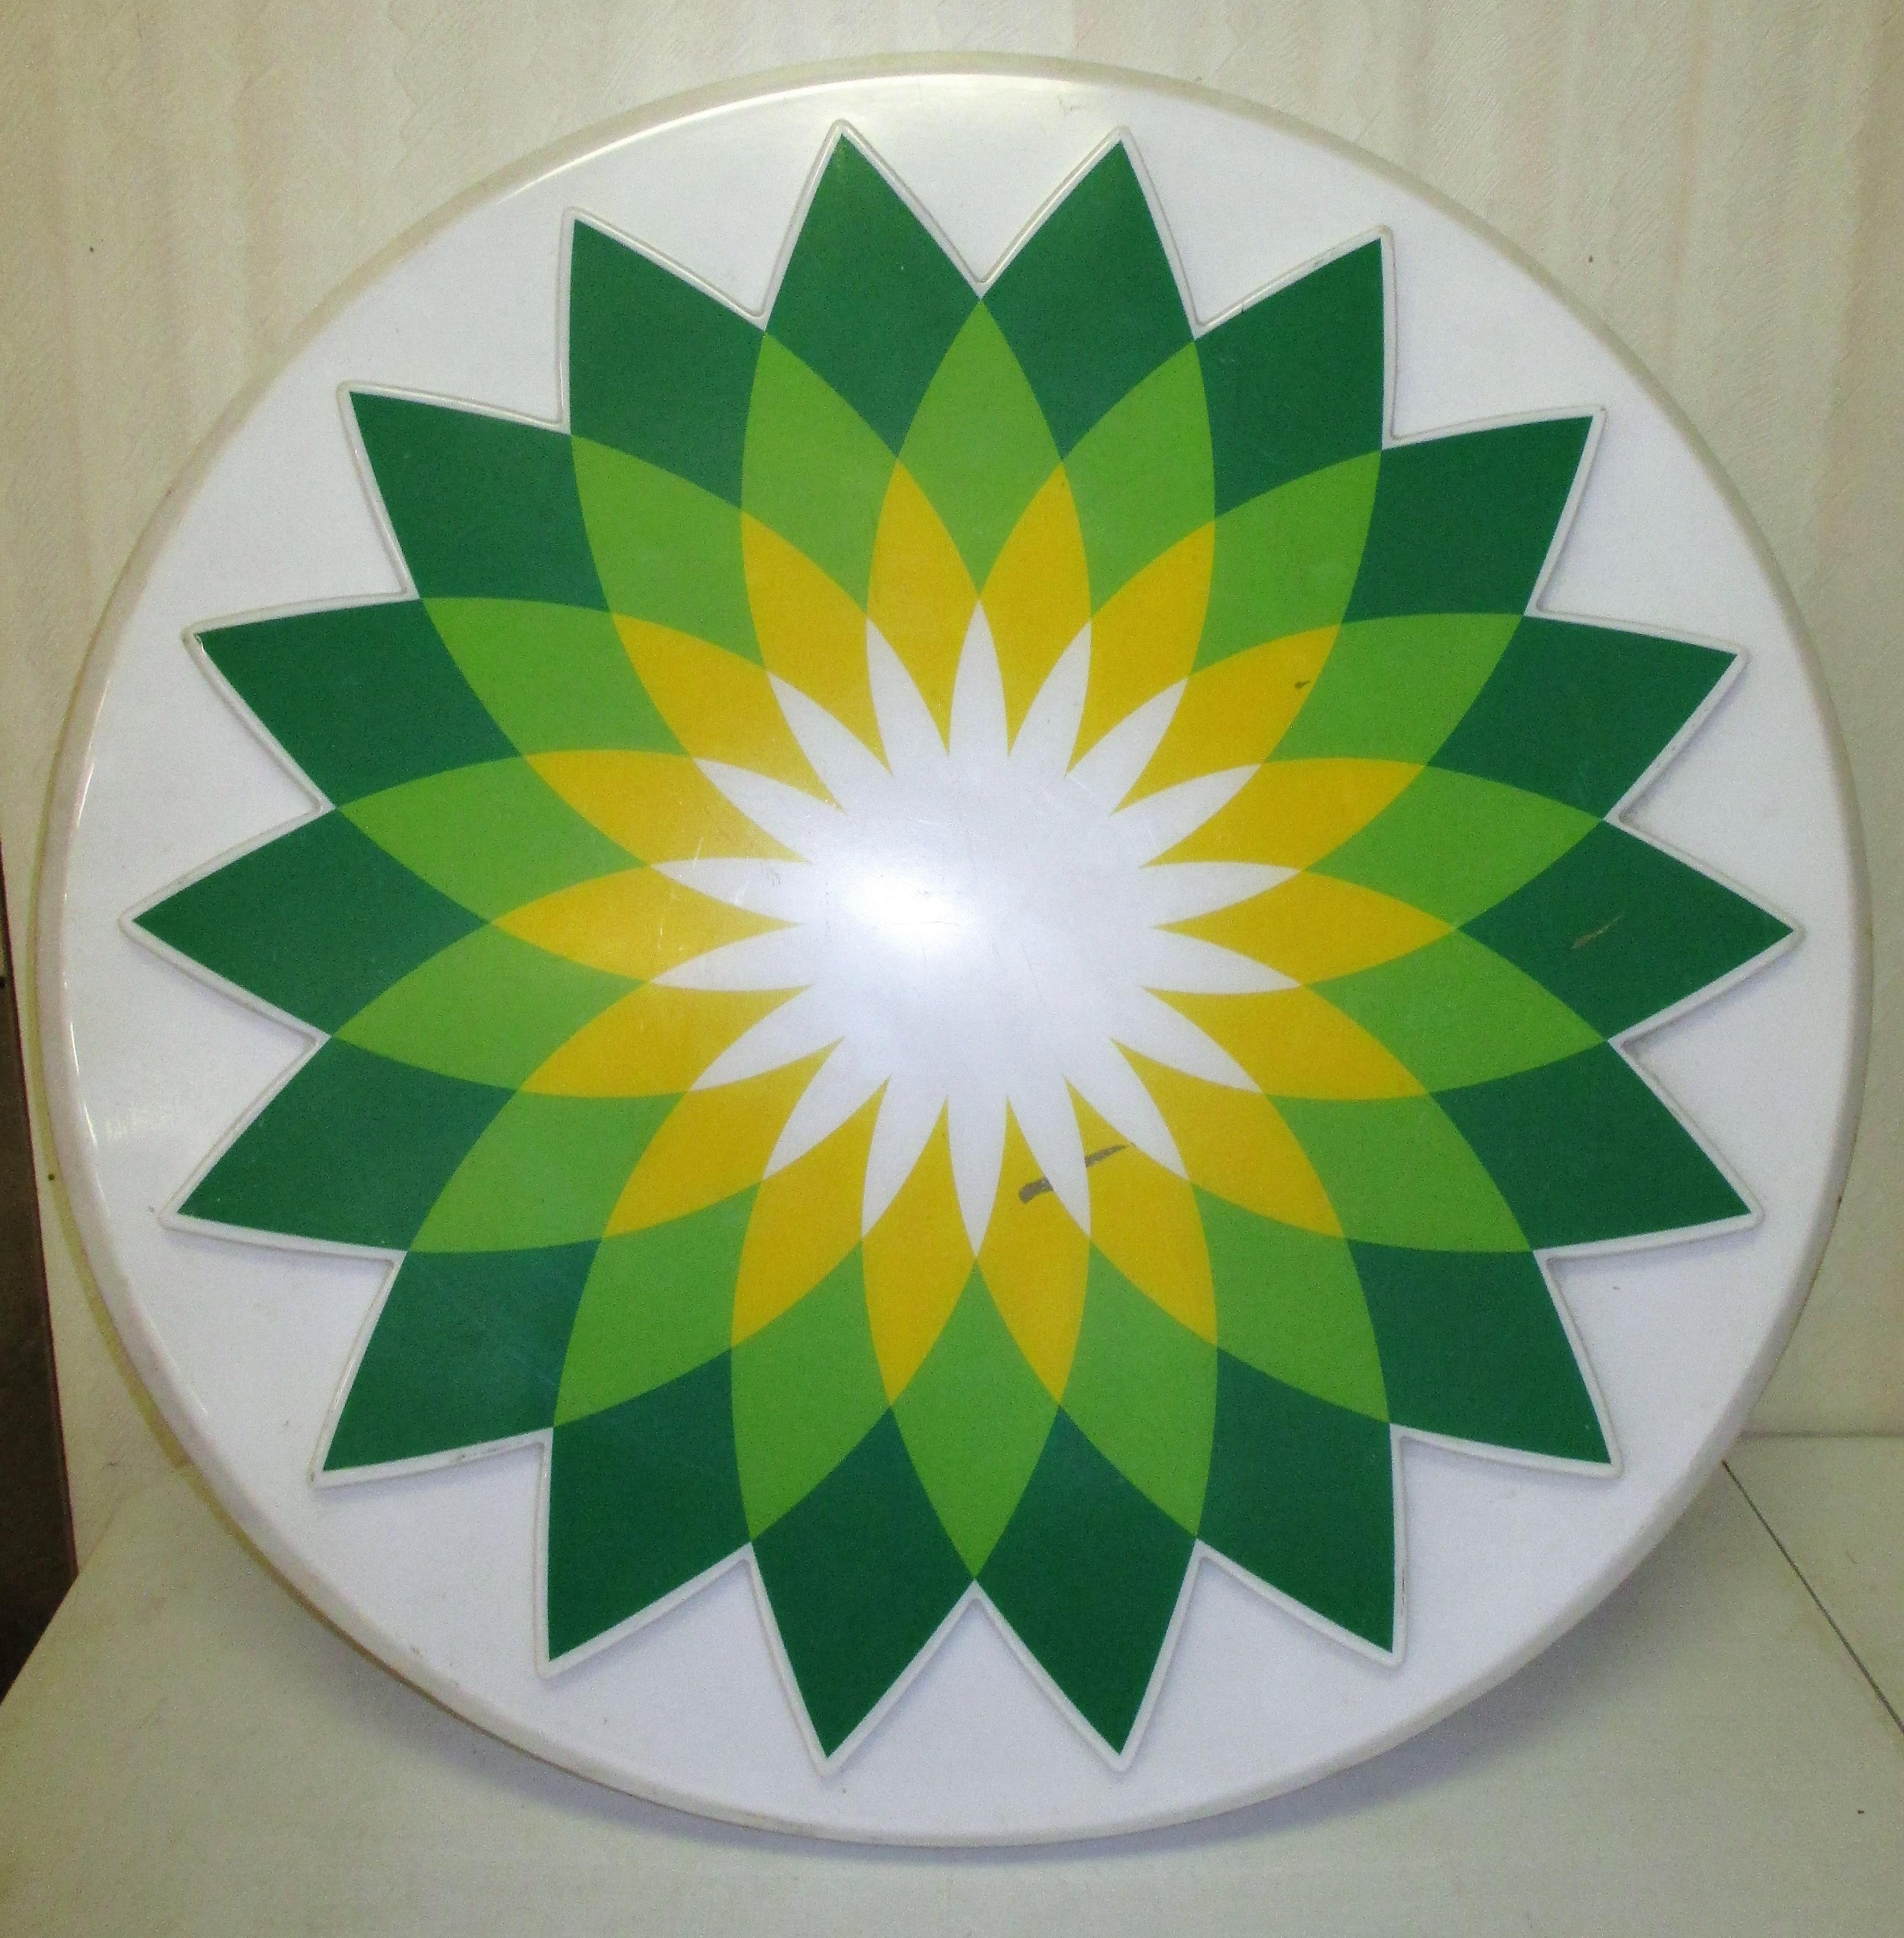 44: BP Plastic Sign